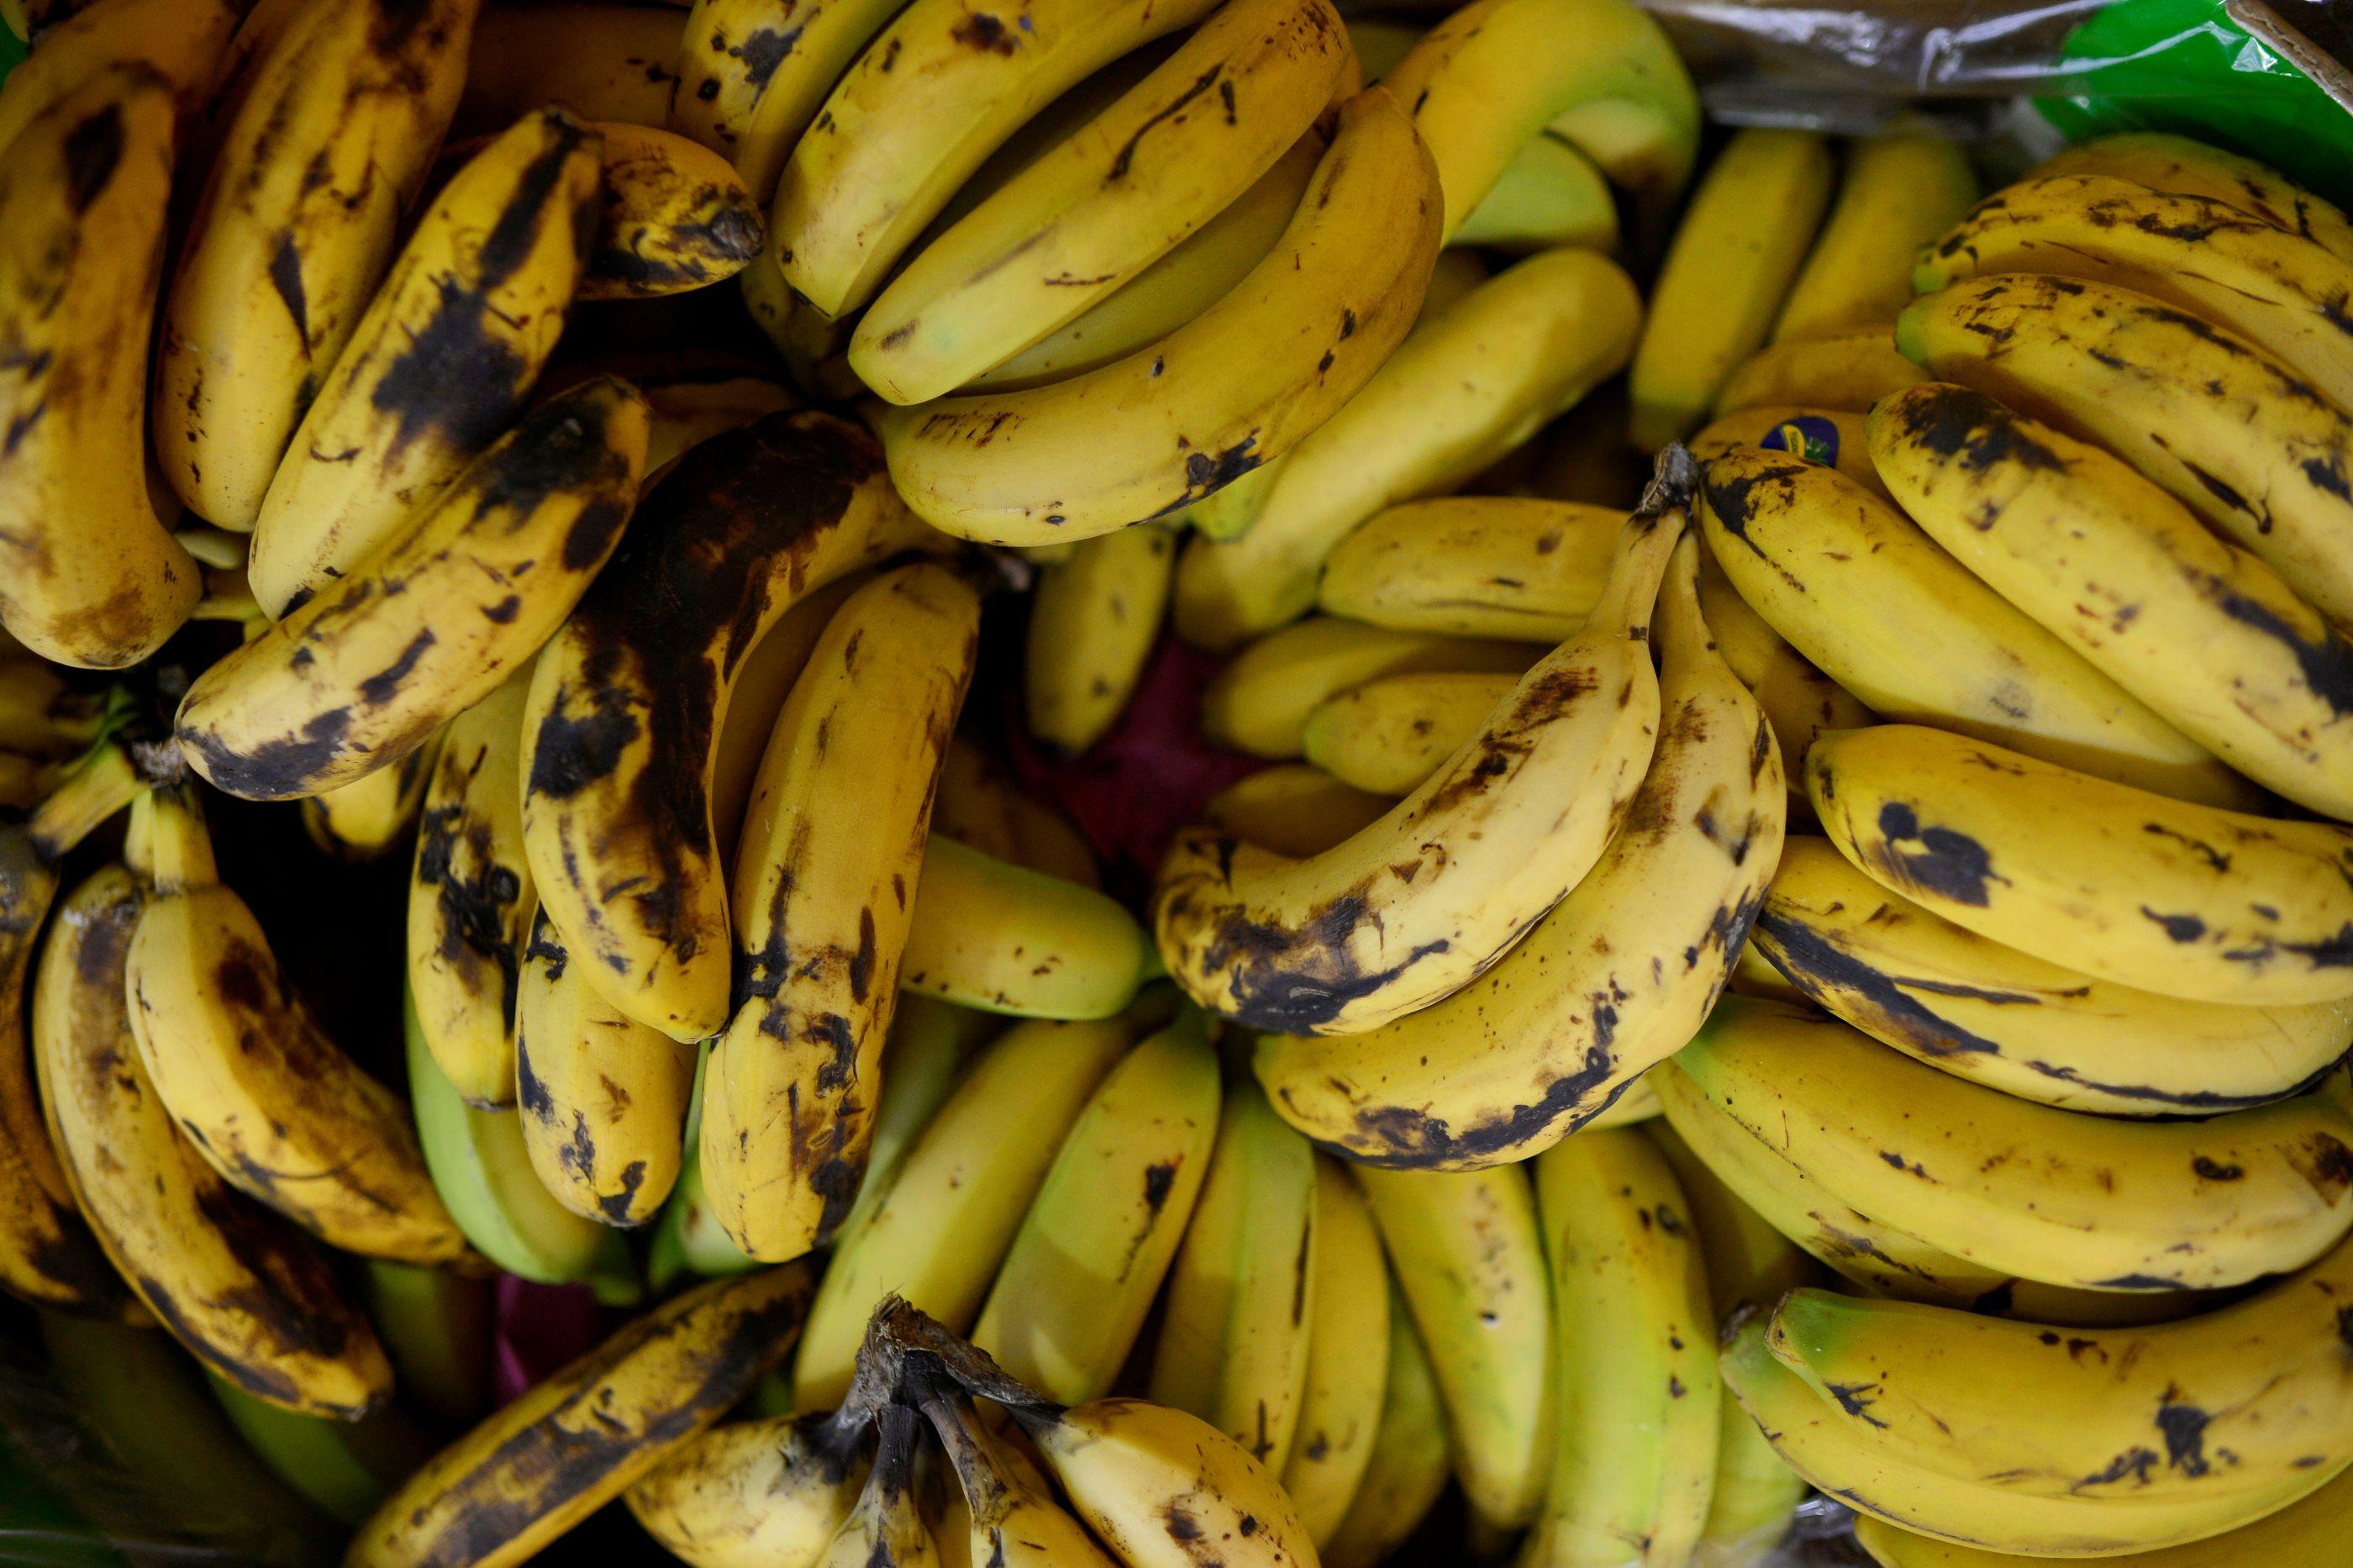 Vendedores de banana do norte de Moçambique tentam sobreviver a praga